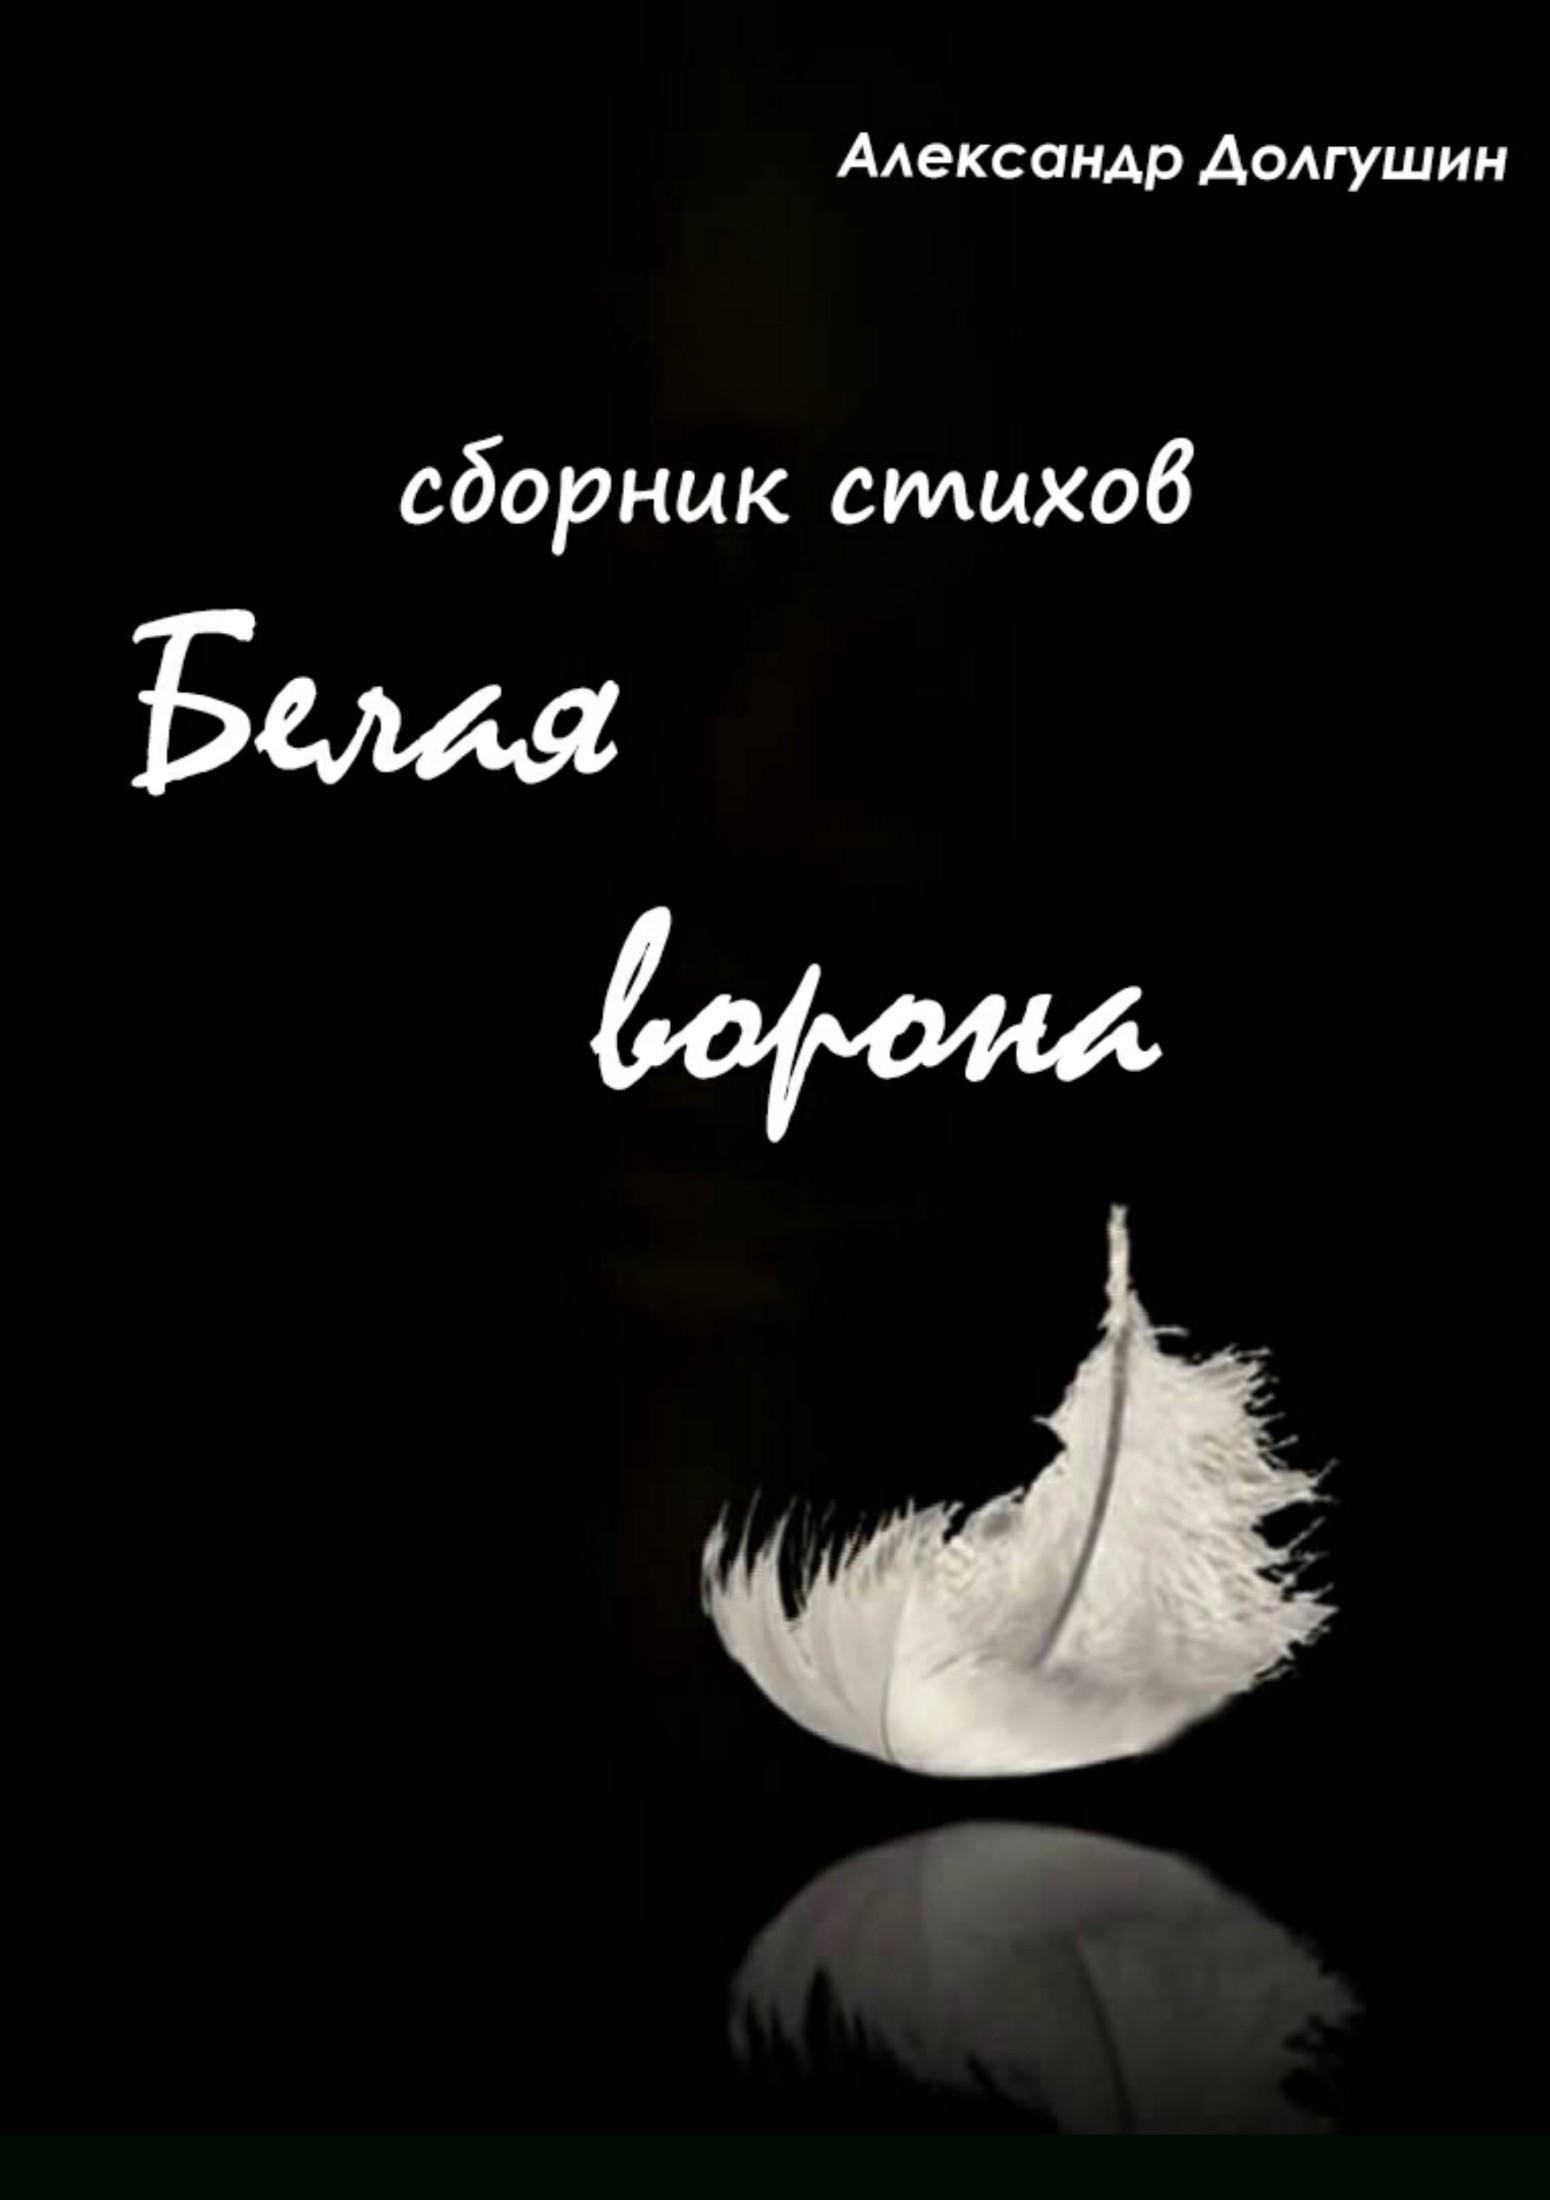 Белая ворона. Сборник стихов